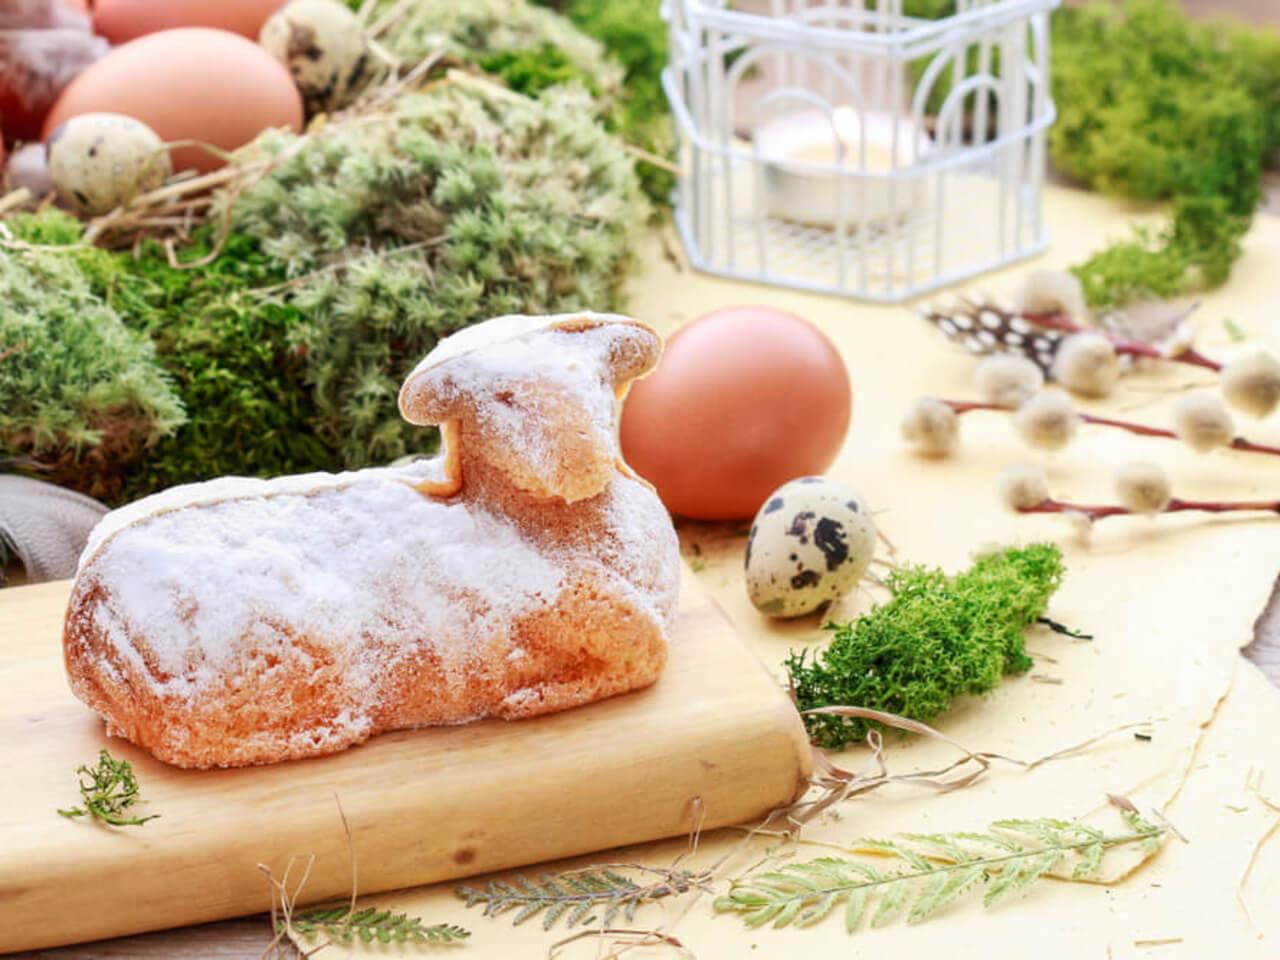 Zdravšie tradície: Veľkonočný baranček s proteínom a bez cukru